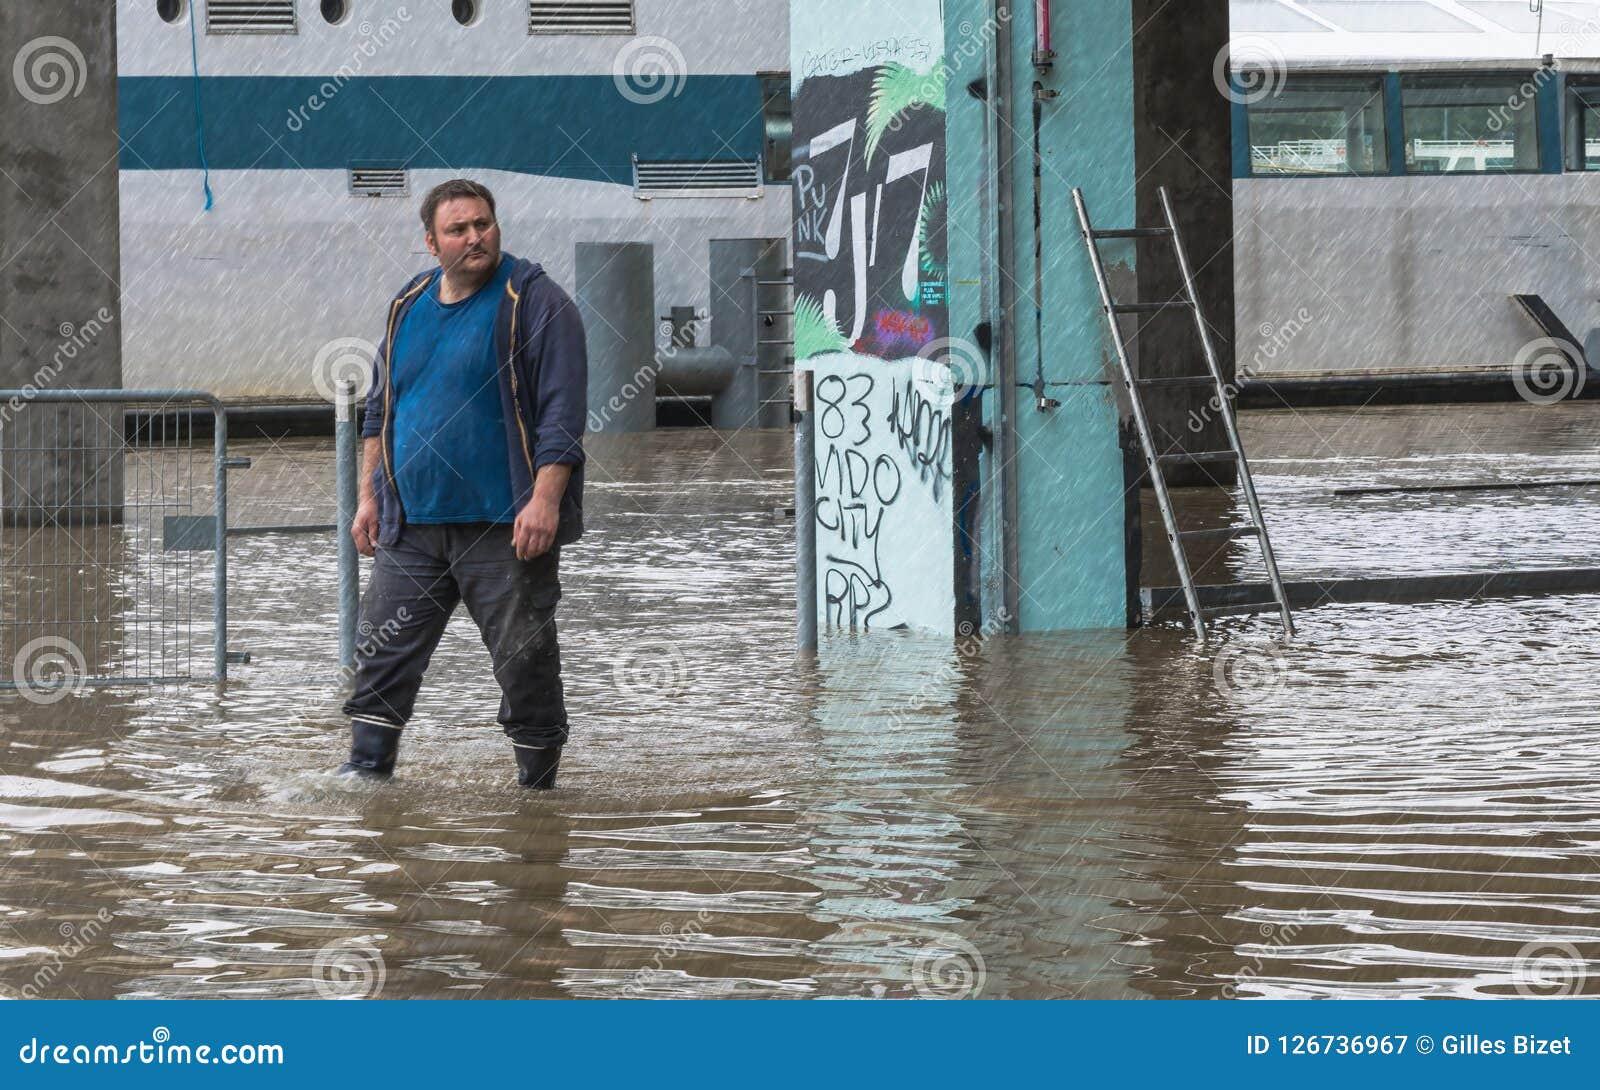 Regen und Flut auf der Seine in Paris